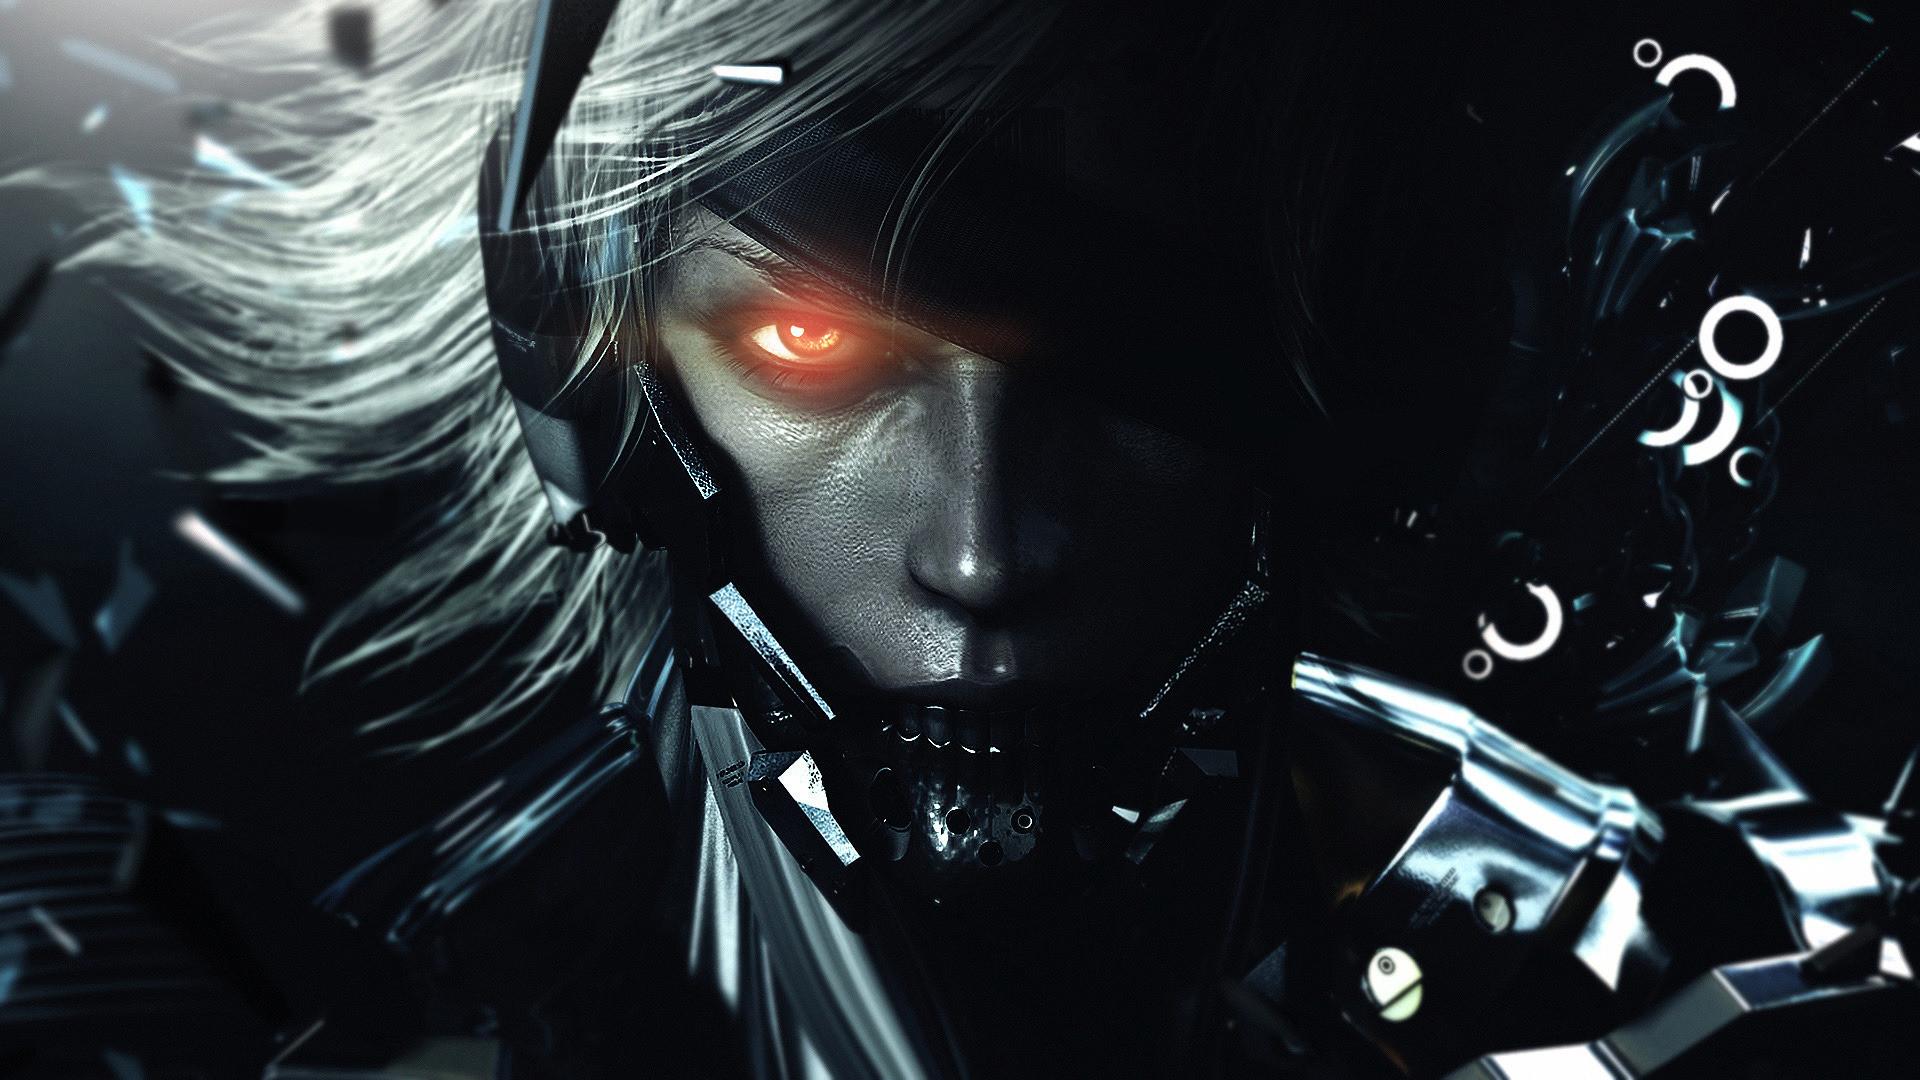 Res: 1920x1080, Video Game - Metal Gear Rising Wallpaper